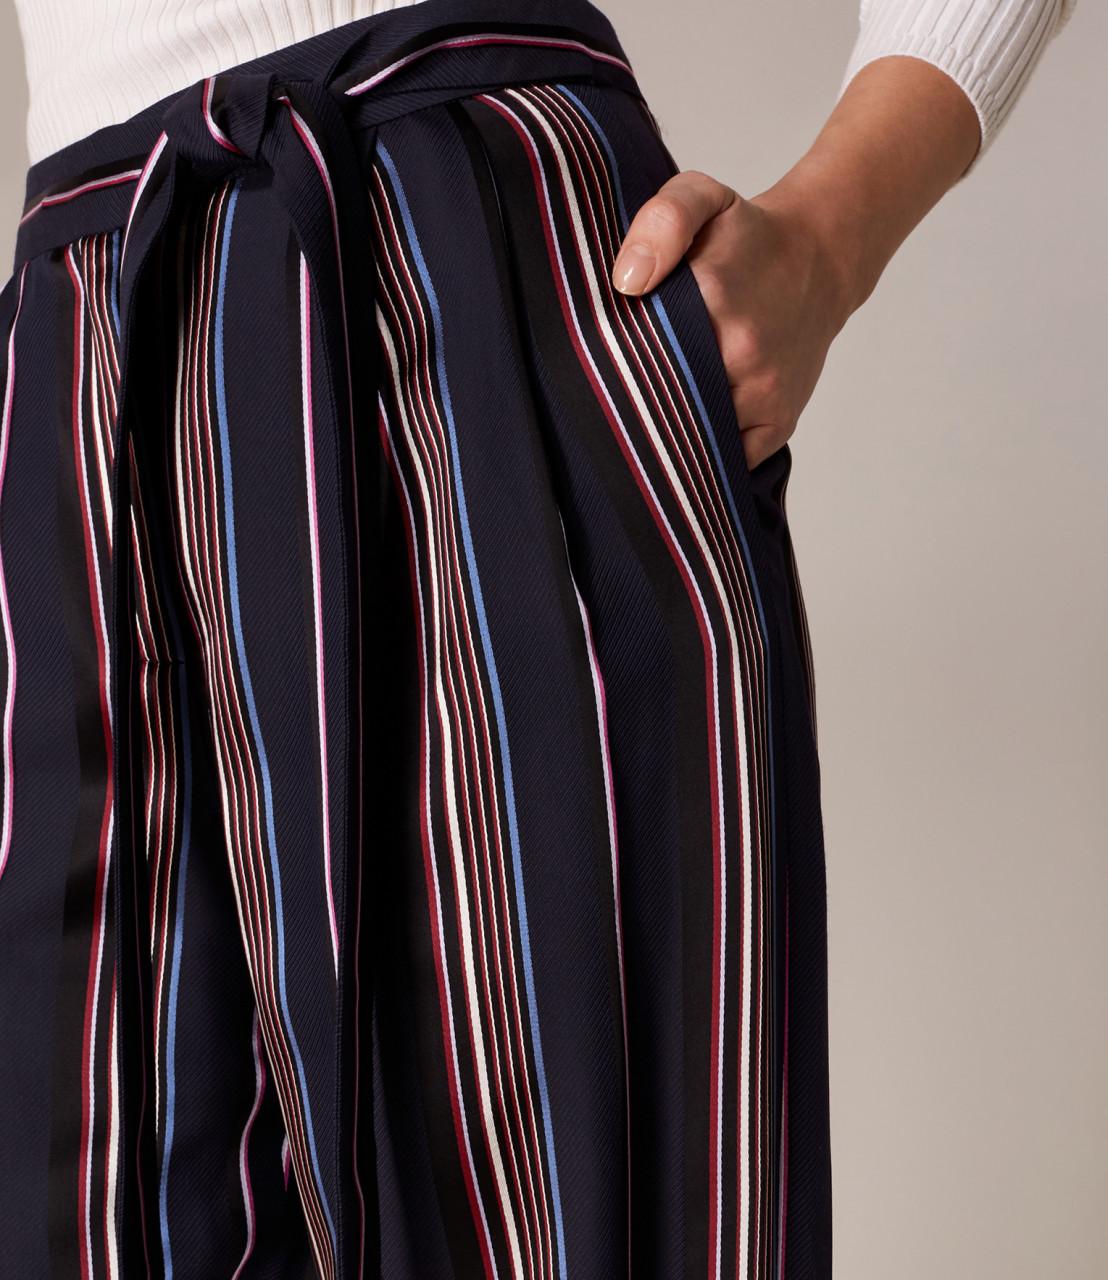 Pantalones pernera ancha rayas